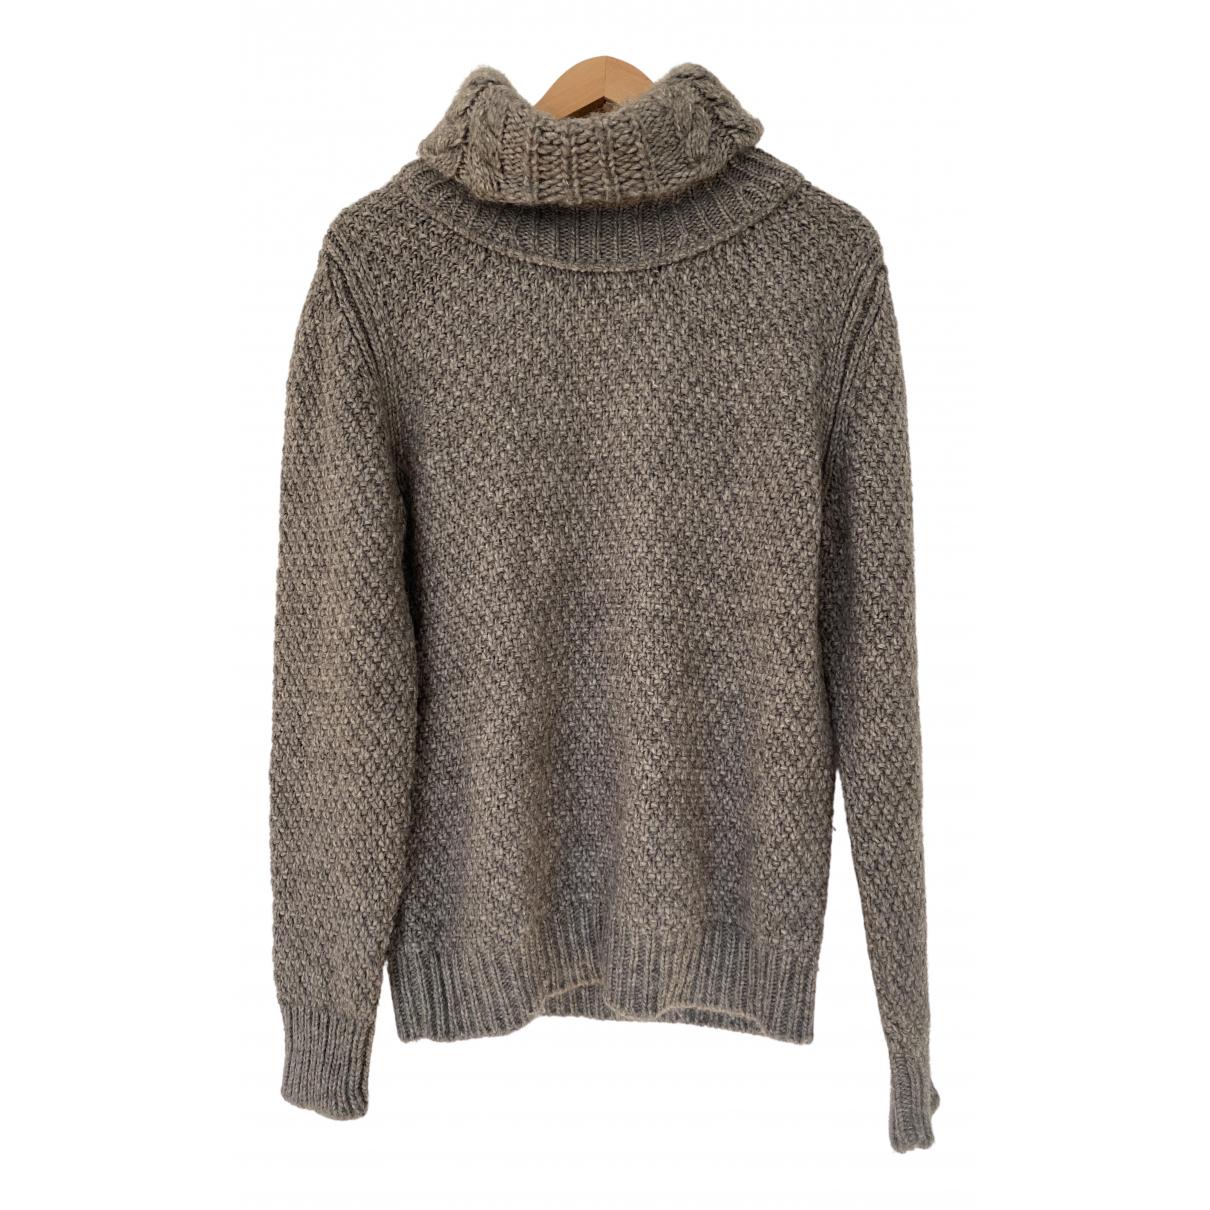 Yves Saint Laurent - Pulls.Gilets.Sweats   pour homme en laine - gris